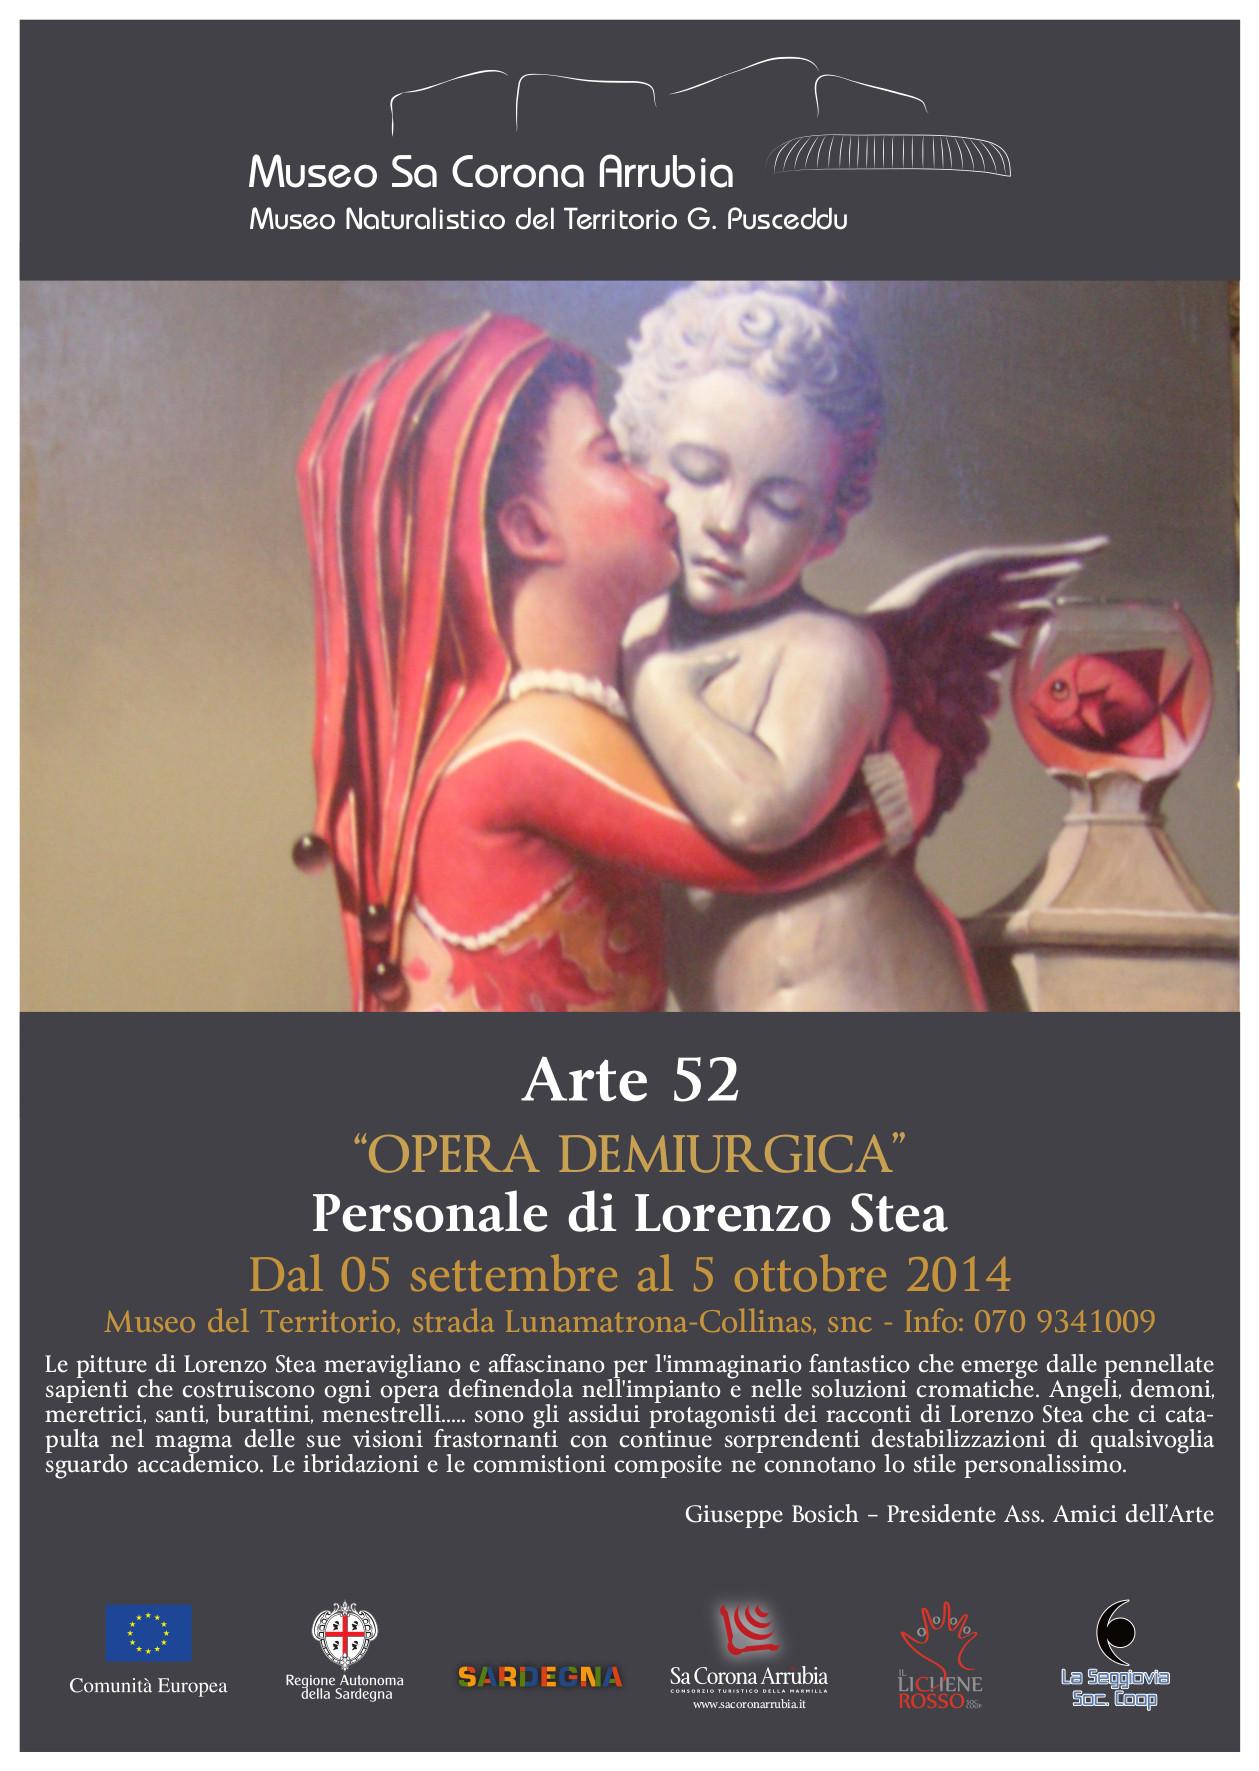 """Personale di Lorenzo Stea """"OPERA DEMIURGICA"""" dal 5 settembre al 5 ottobre 2014  Museo naturalistico del territorio """"G. Pusceddu"""""""